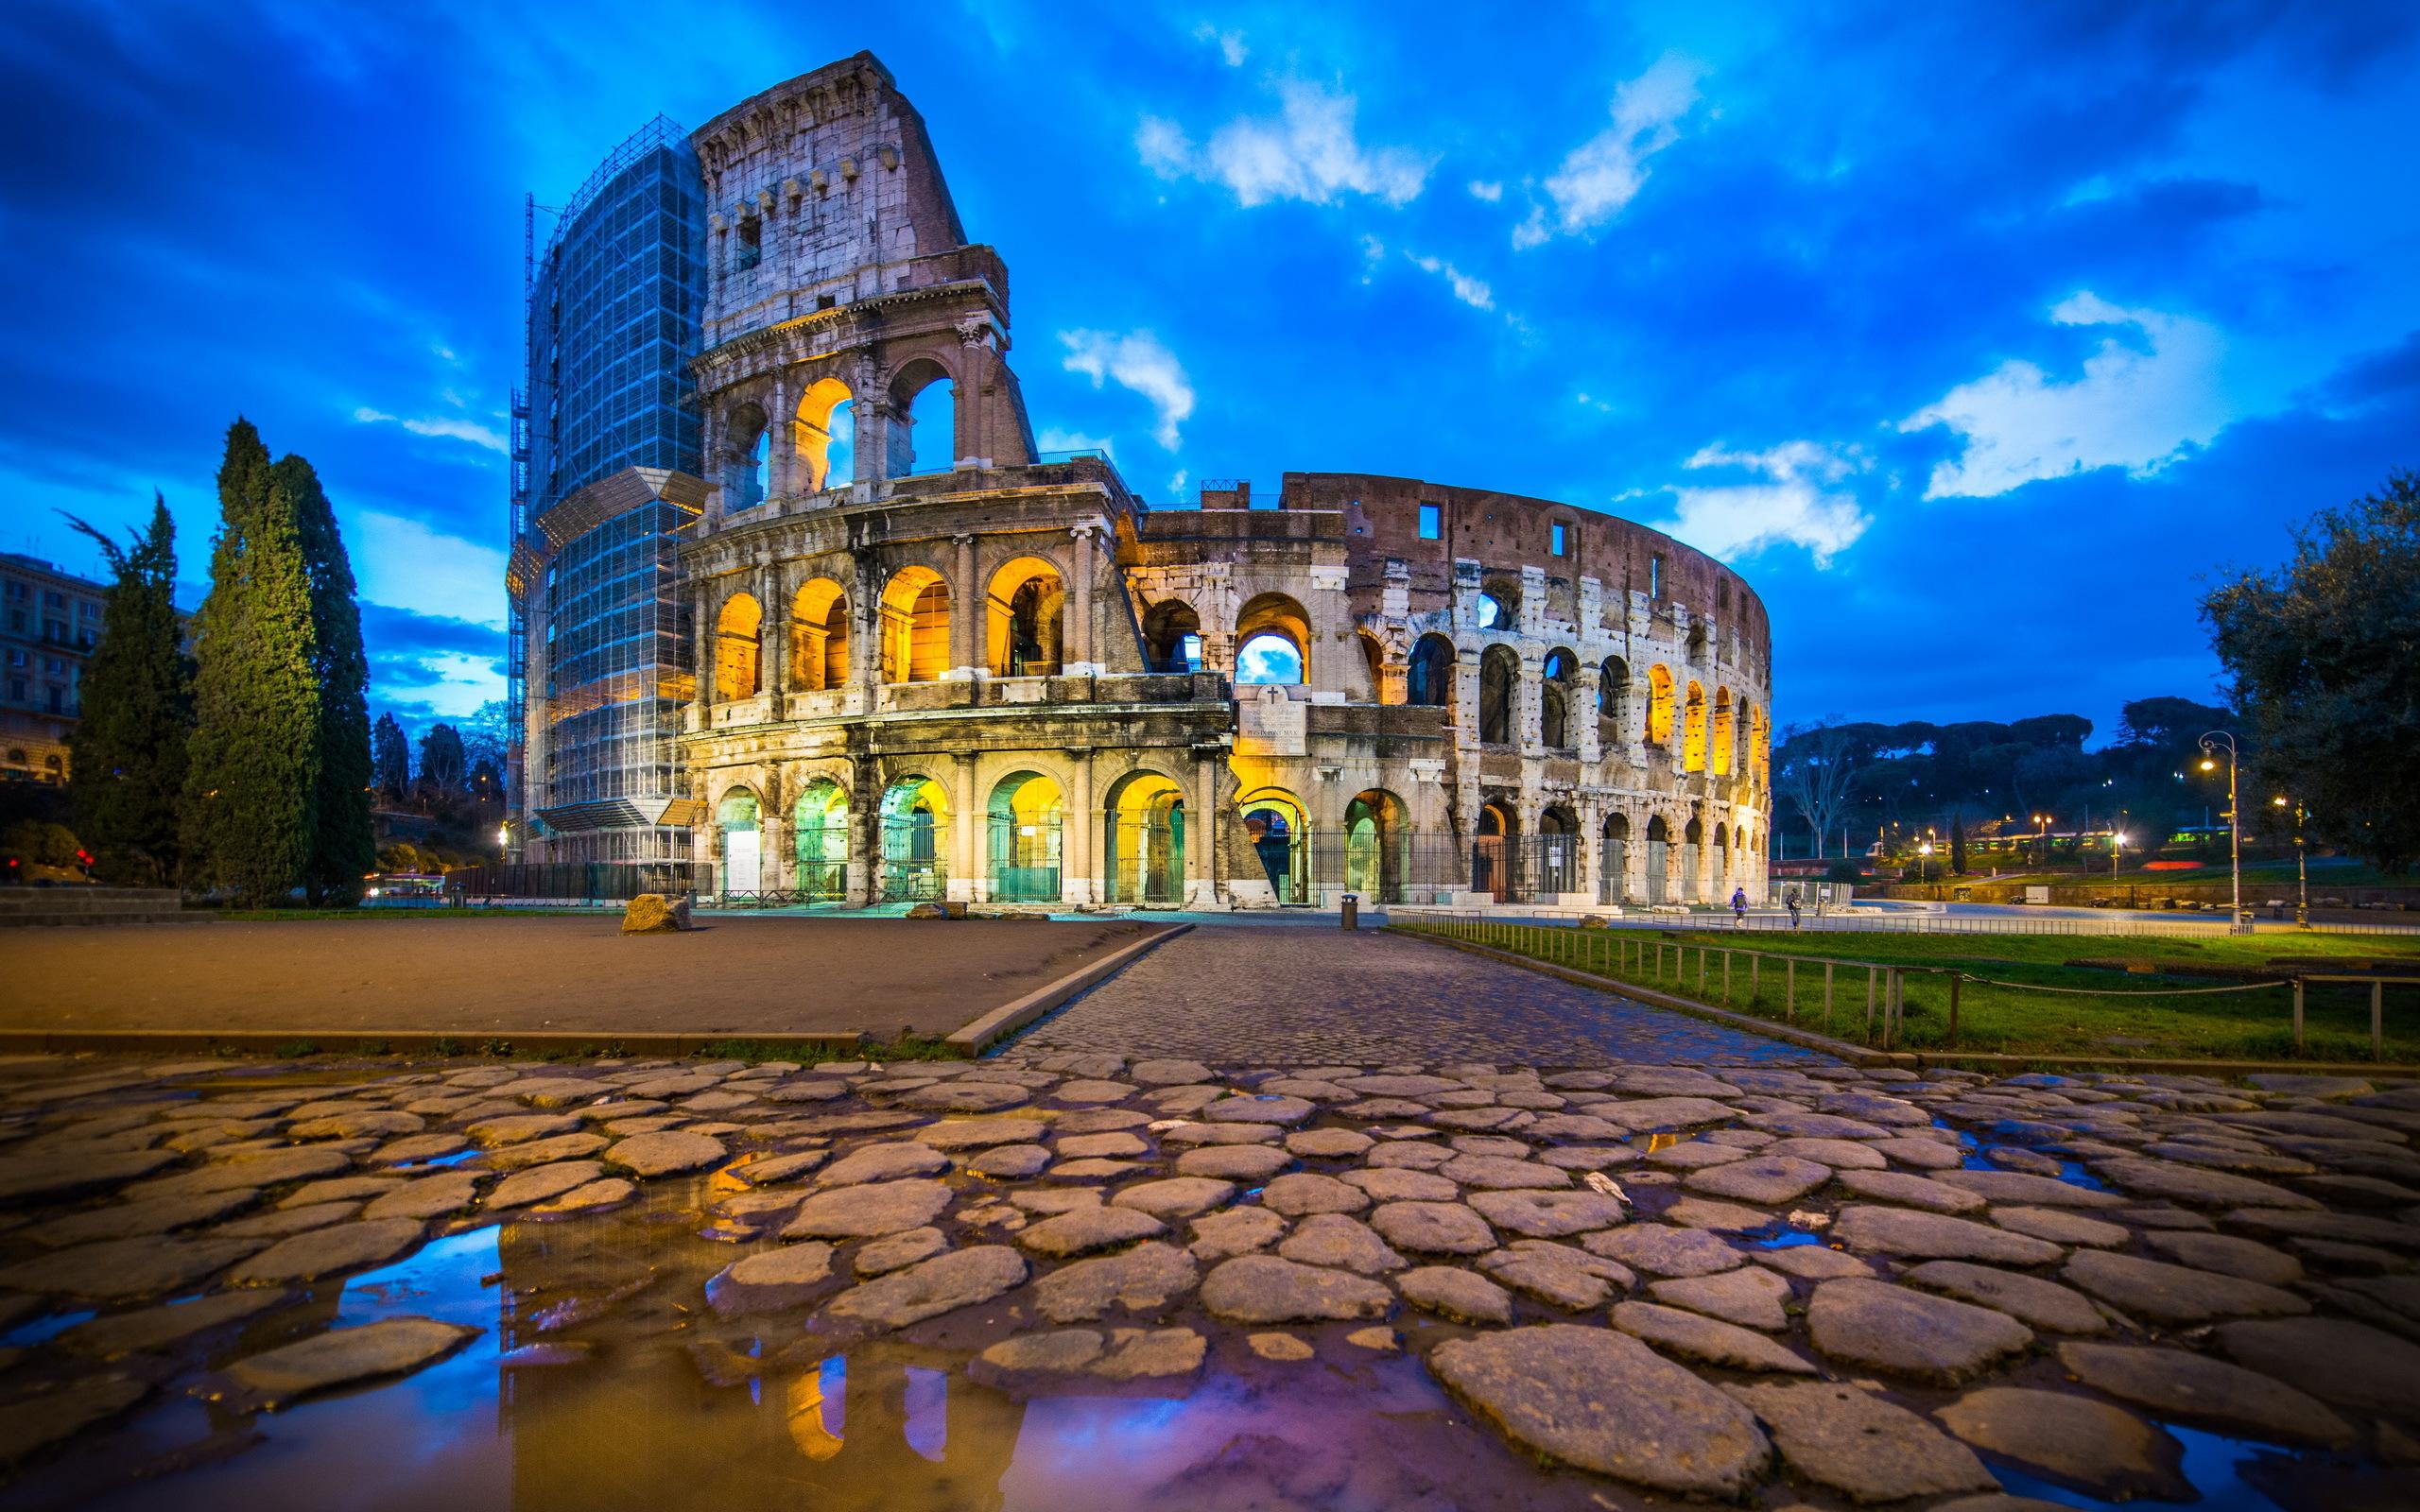 страны архитектура Италия Рим country architecture Italy Rome  № 285922  скачать